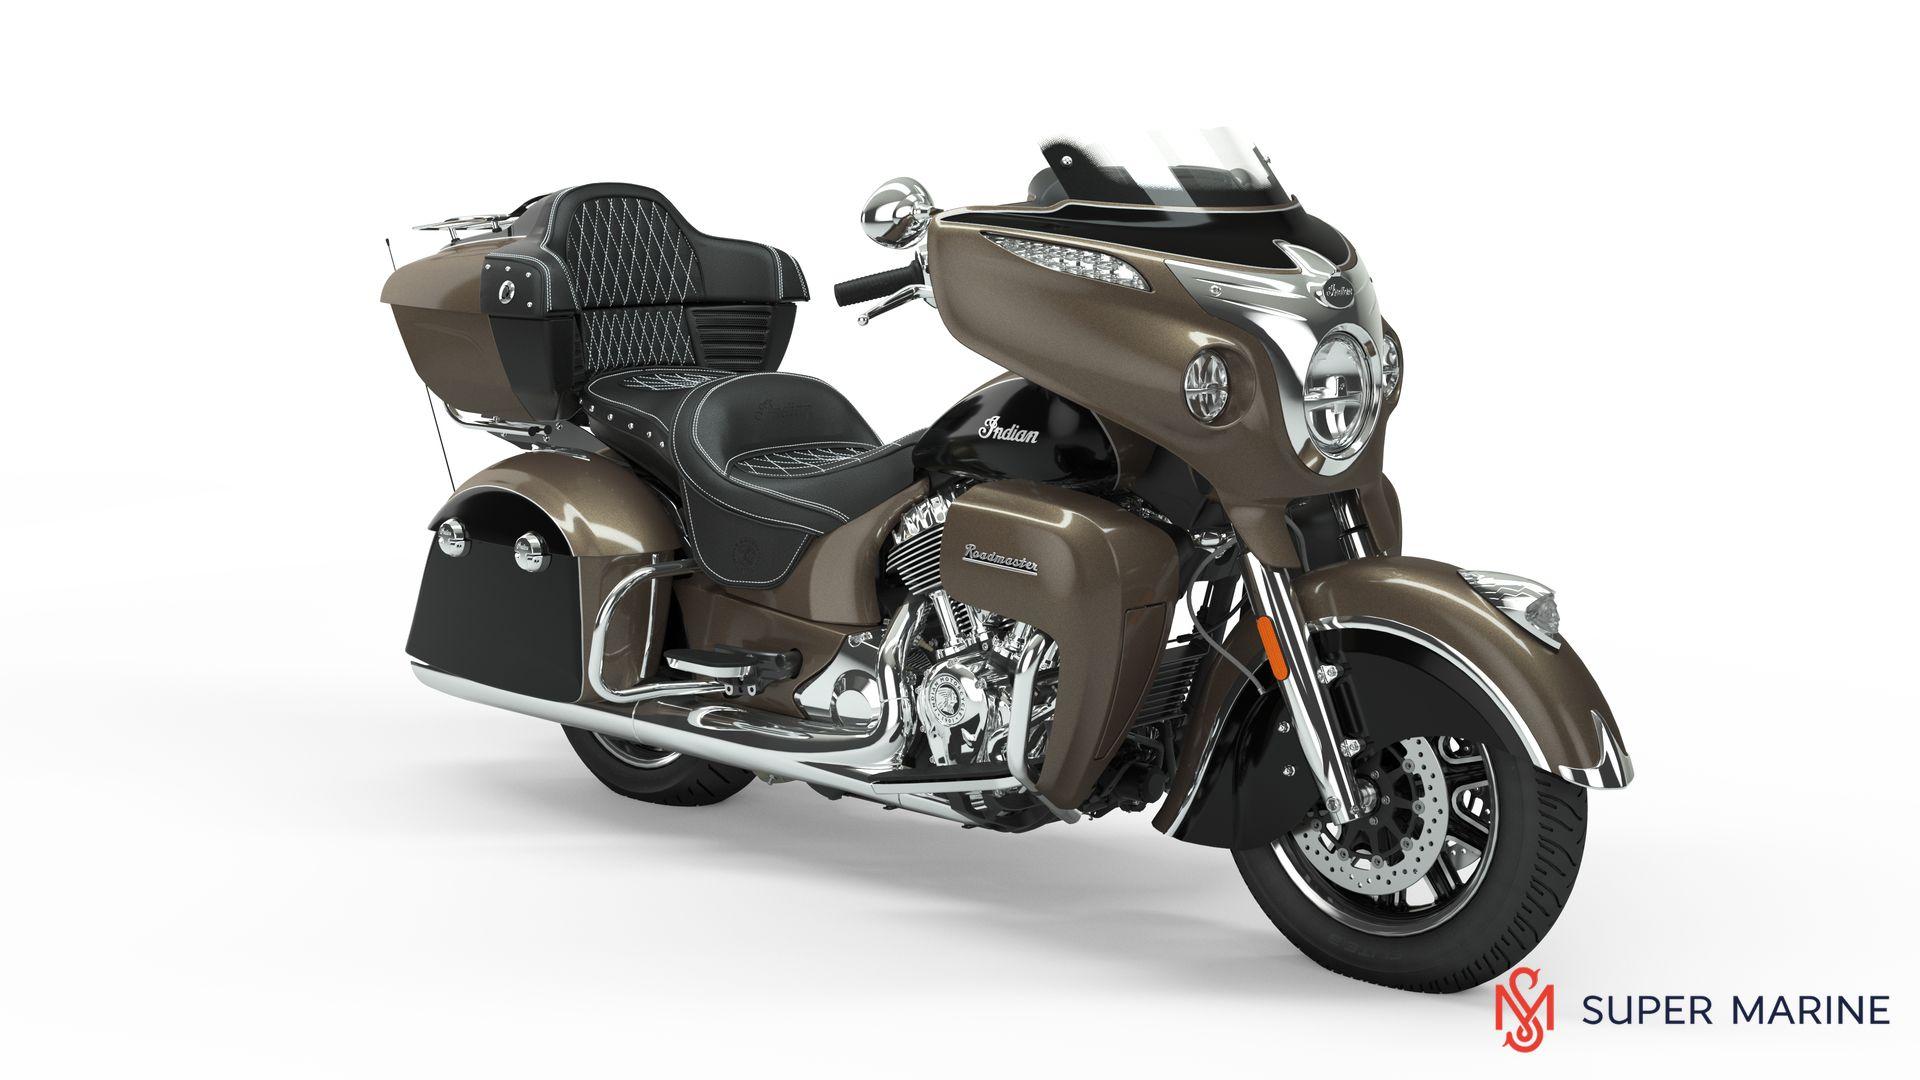 Мотоцикл Indian Roadmaster Polished Bronze / Thunder Black 2019 с пробегом 2100км - 1